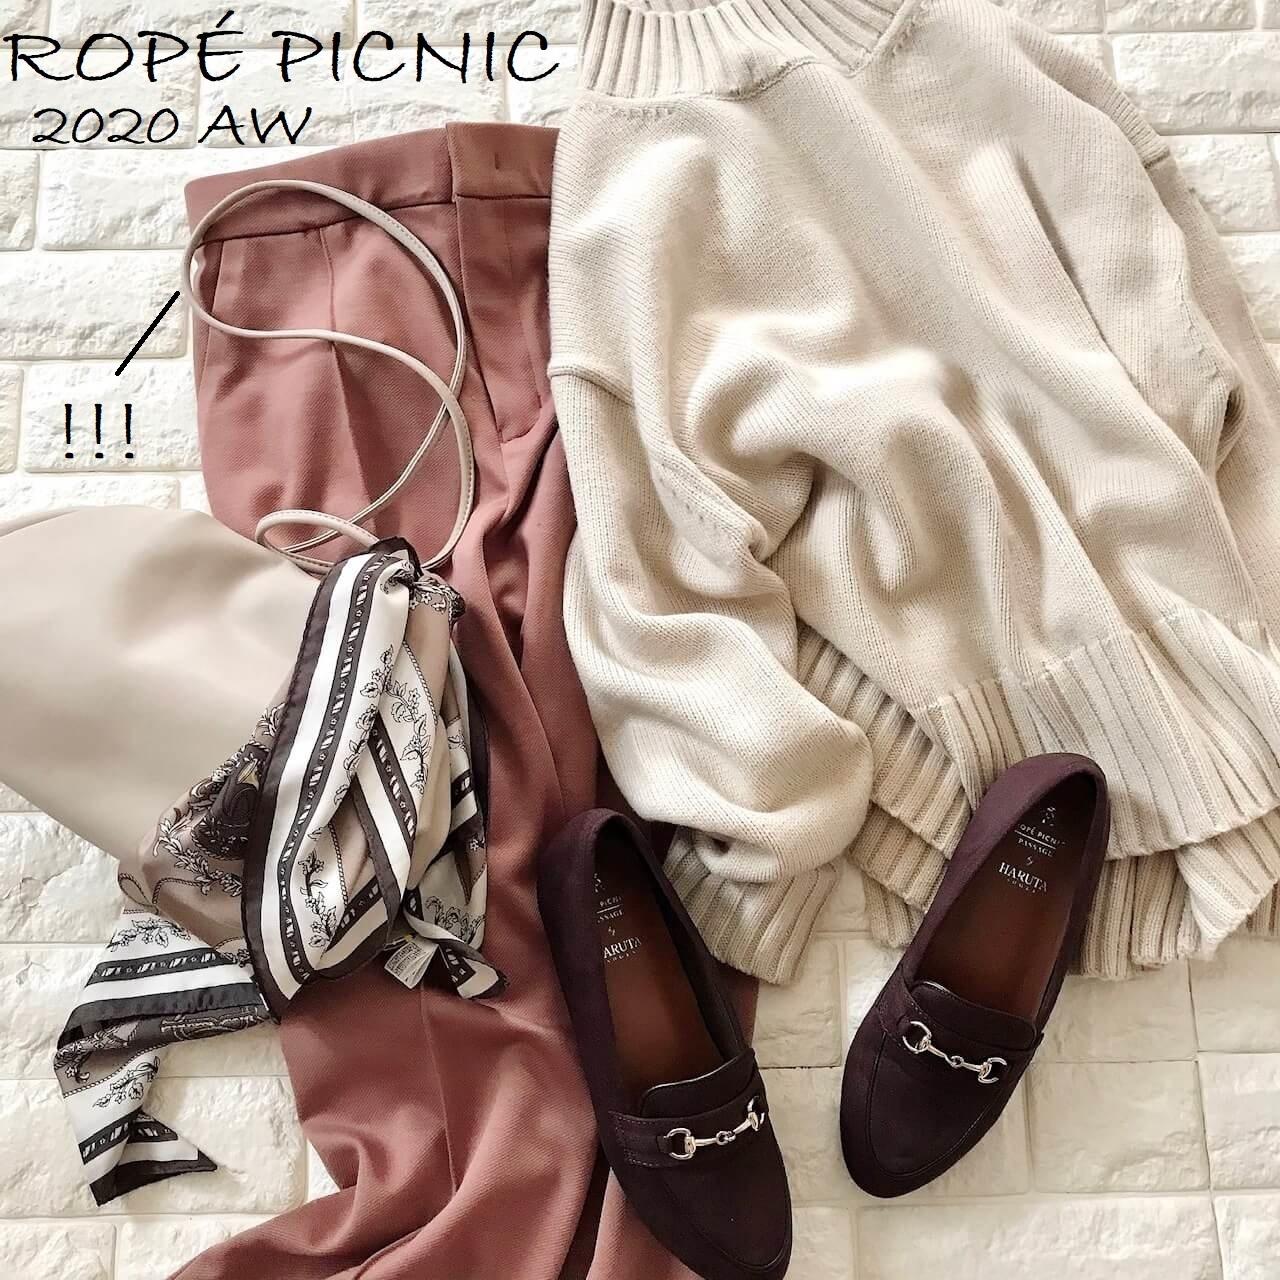 ロペピクニックの新商品2点画像